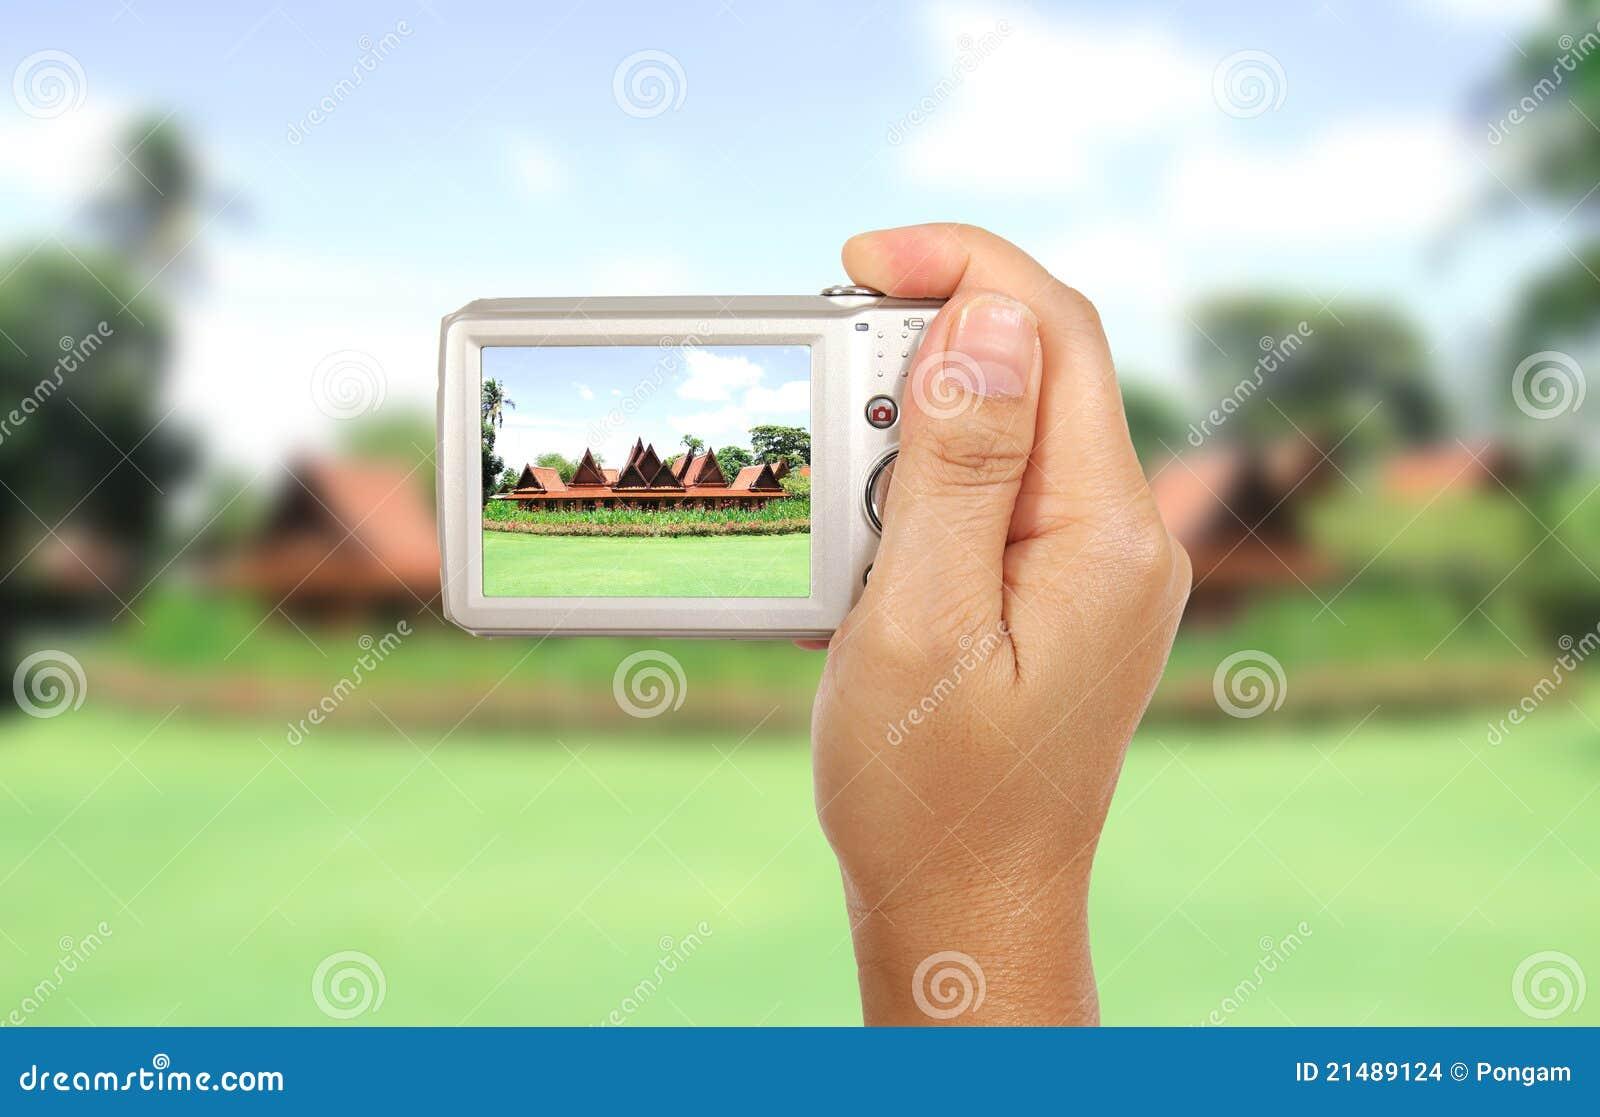 Take a photography